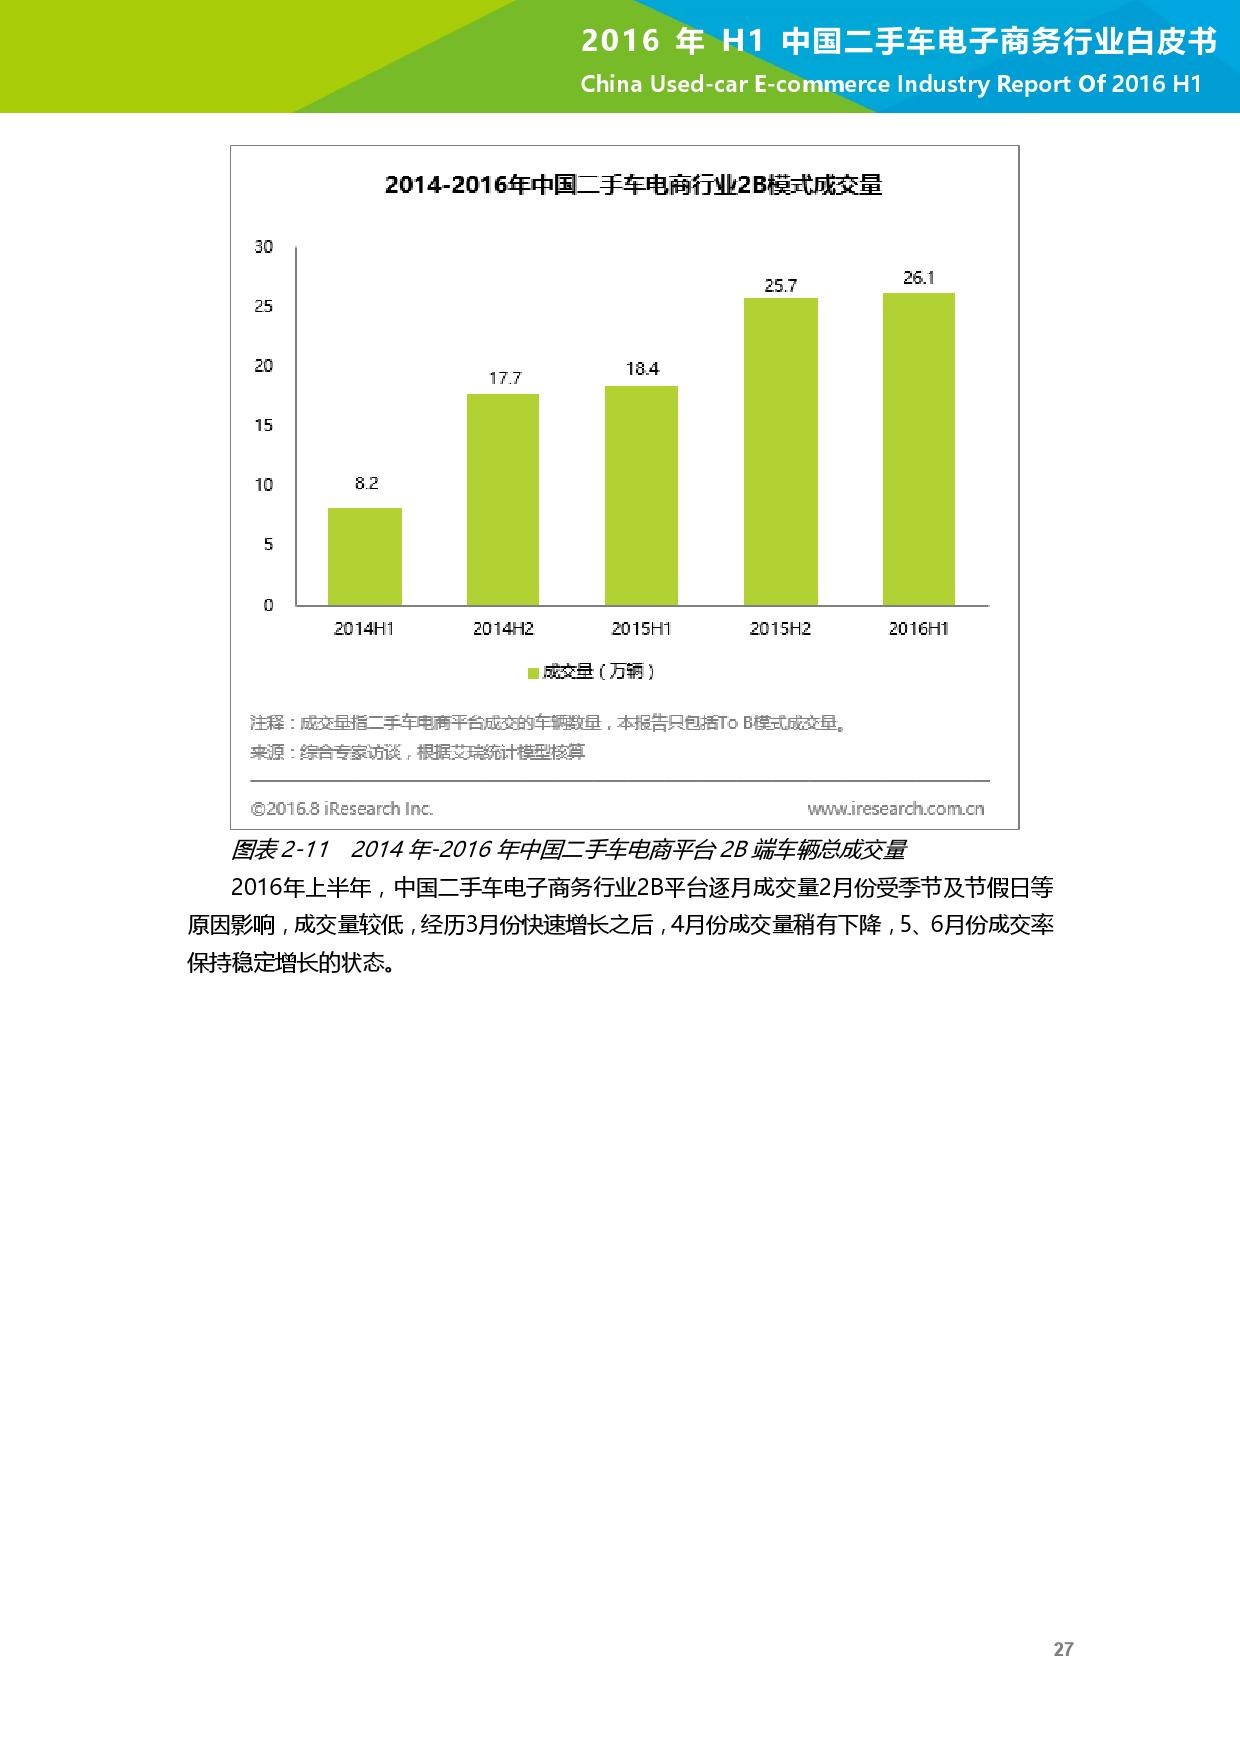 2016年H1中国二手车电子商务行业白皮书_000028